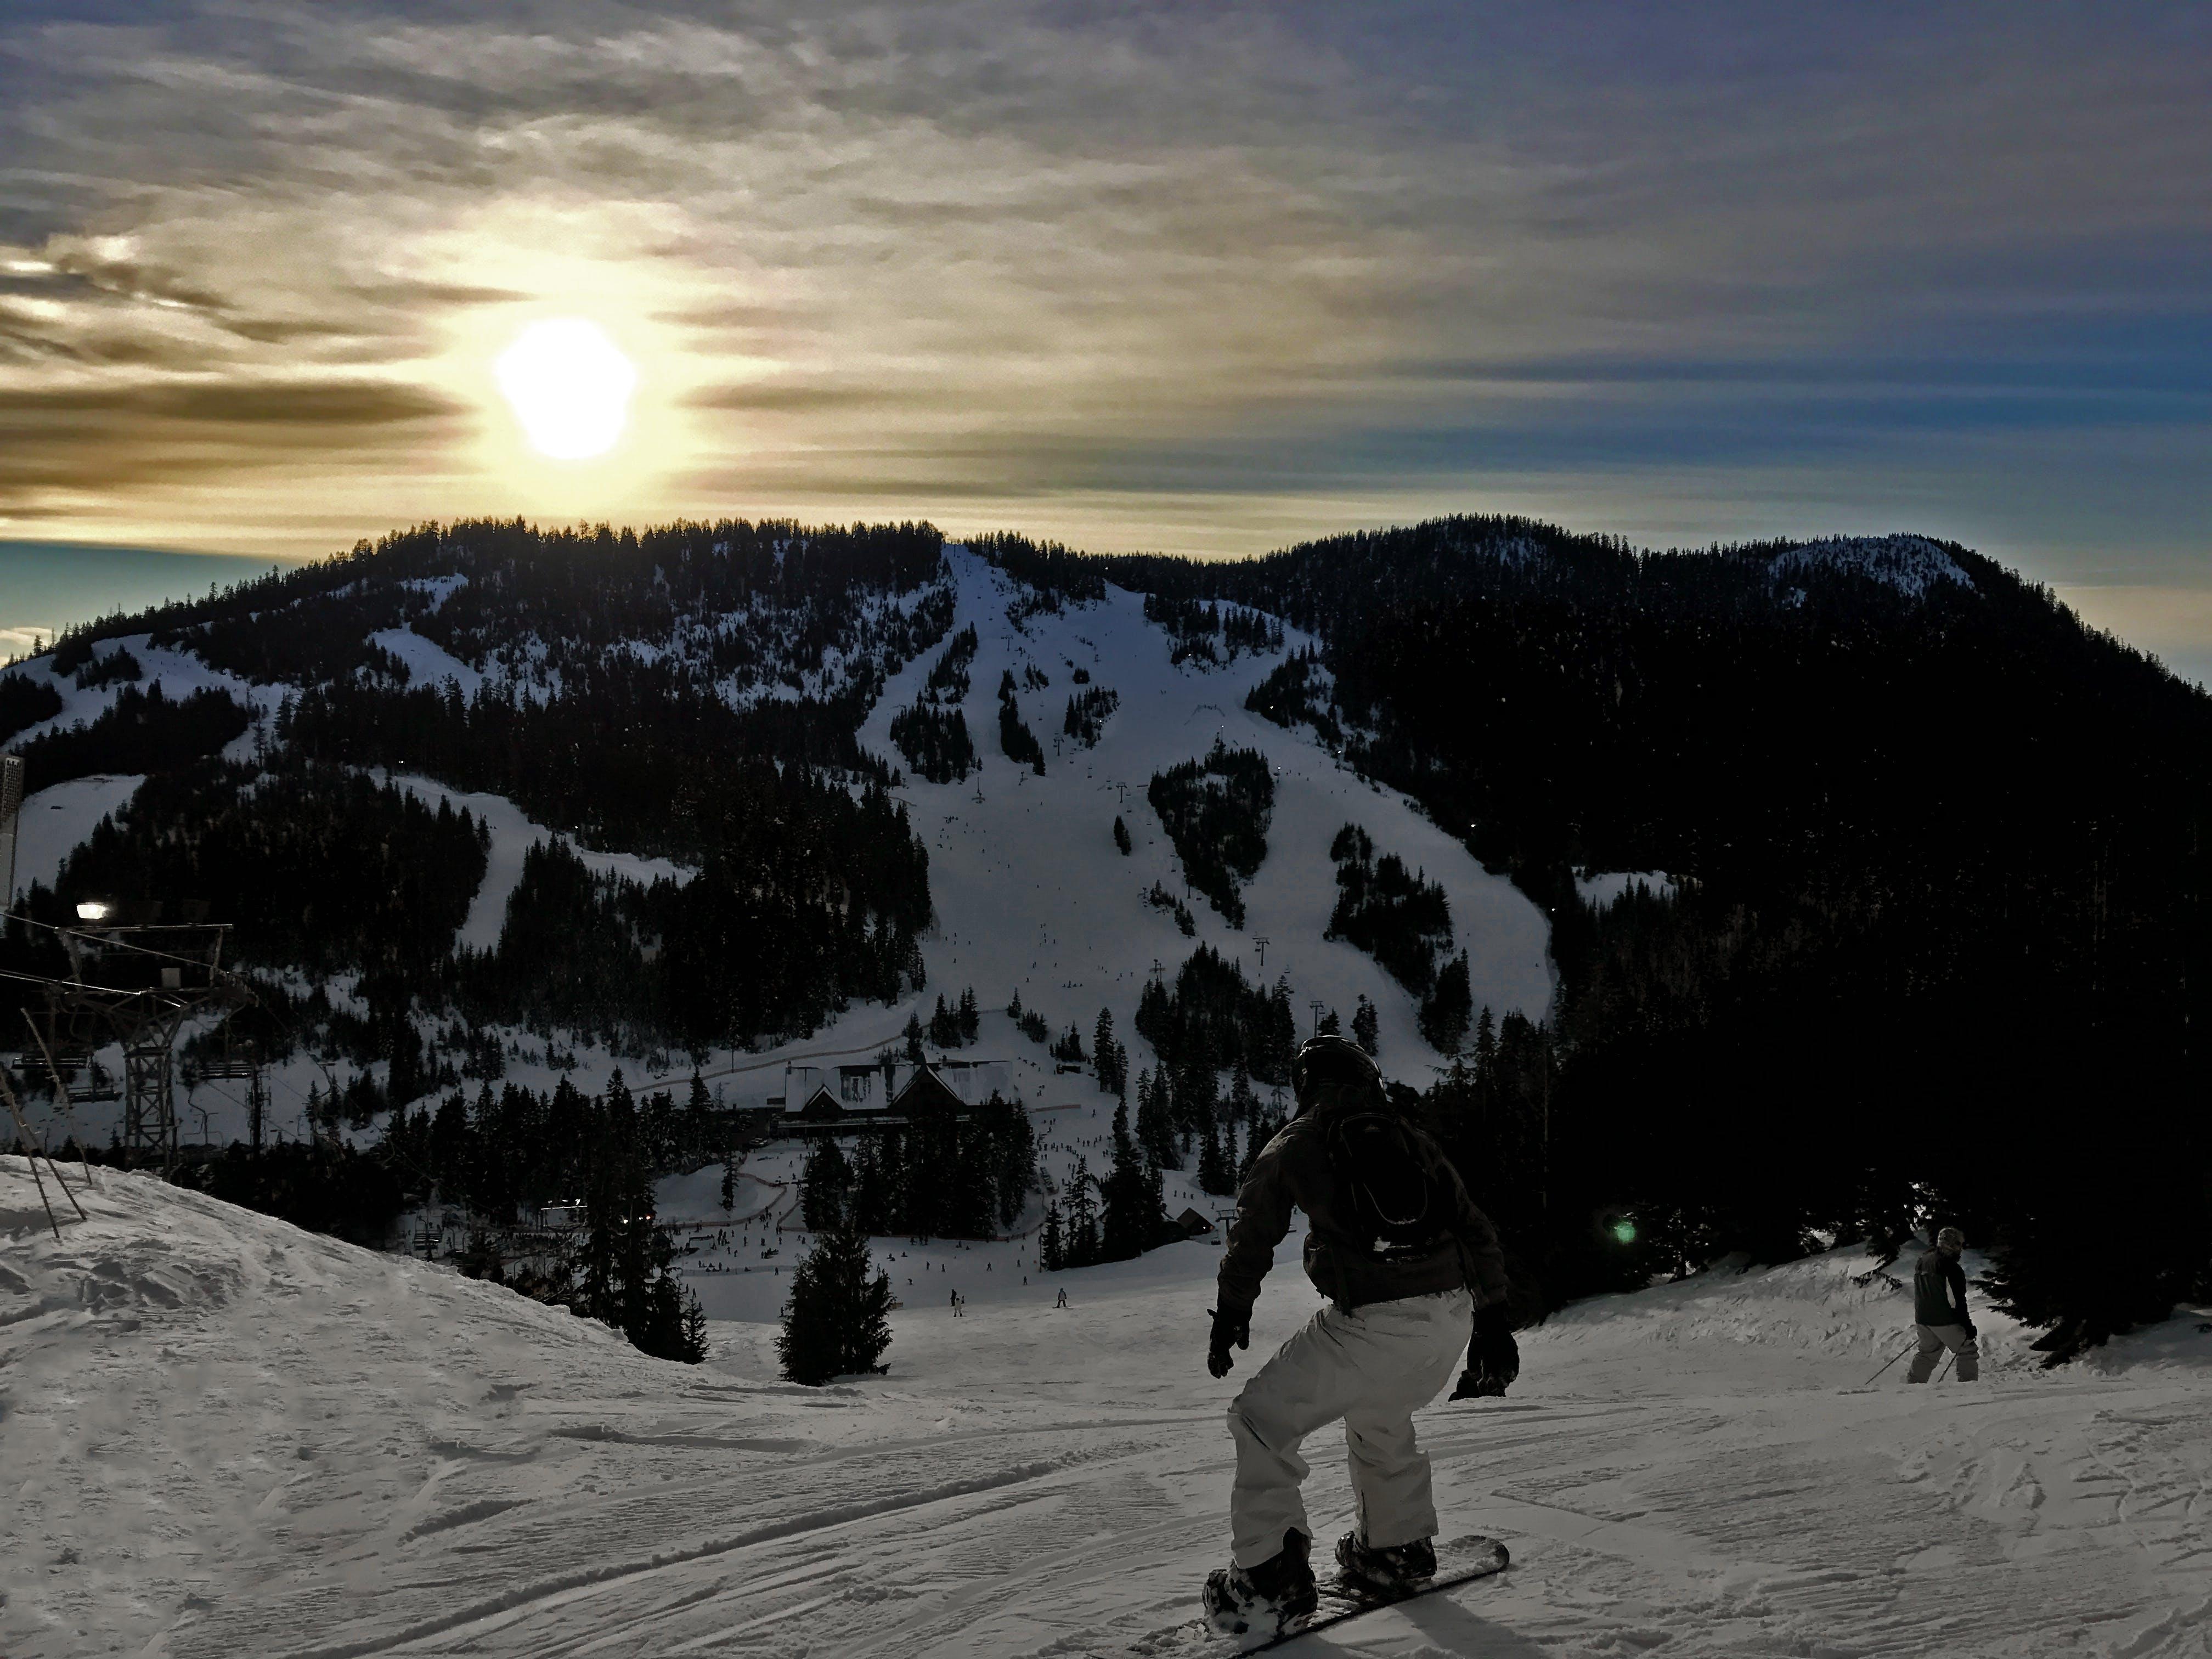 Free stock photo of snow, winter, mountain, ski